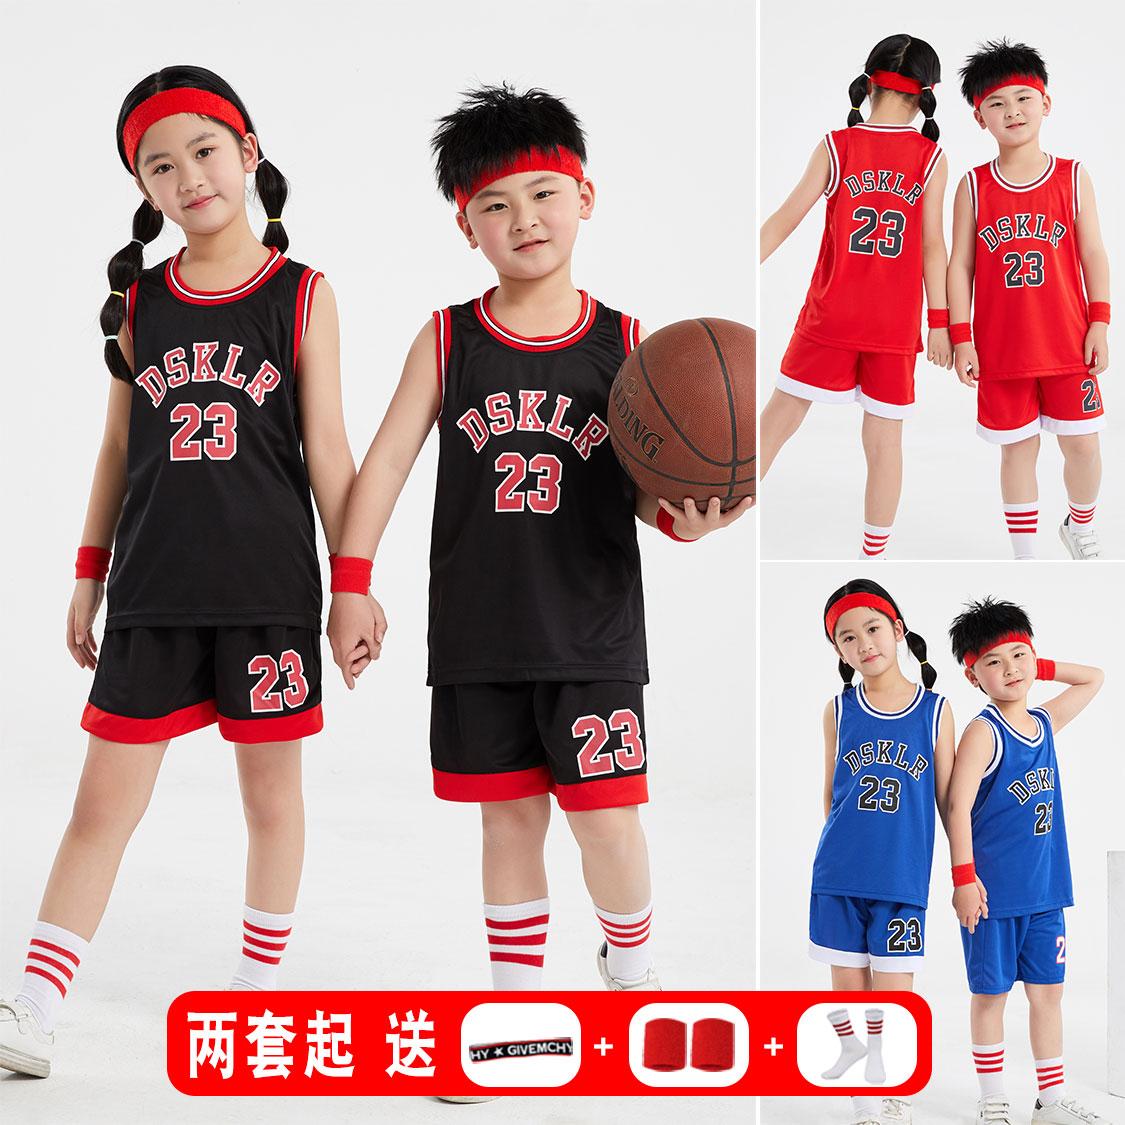 儿童篮球服套装男童运动服中小童球衣男女孩宝宝训练服中学生队服